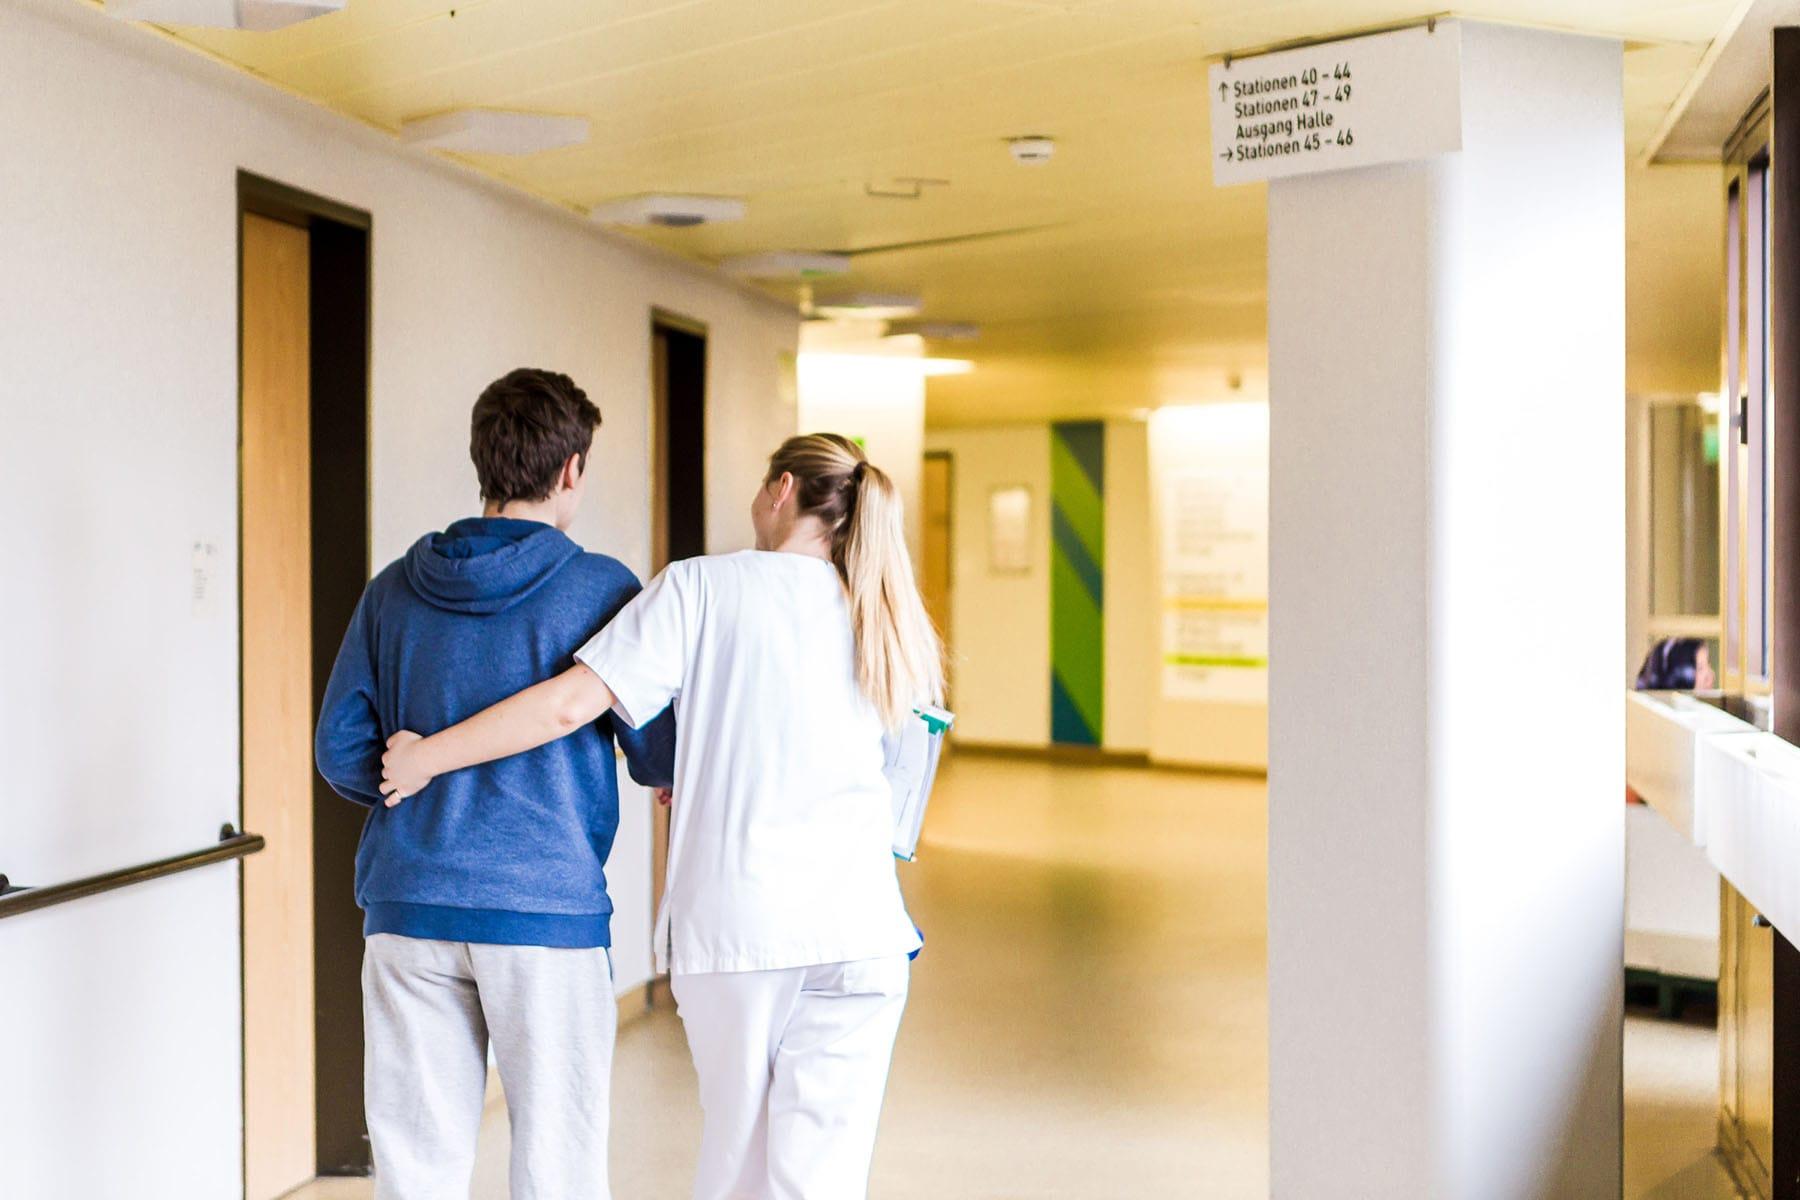 Eine Krankenschwester stützt einen Patienten beim Gehen